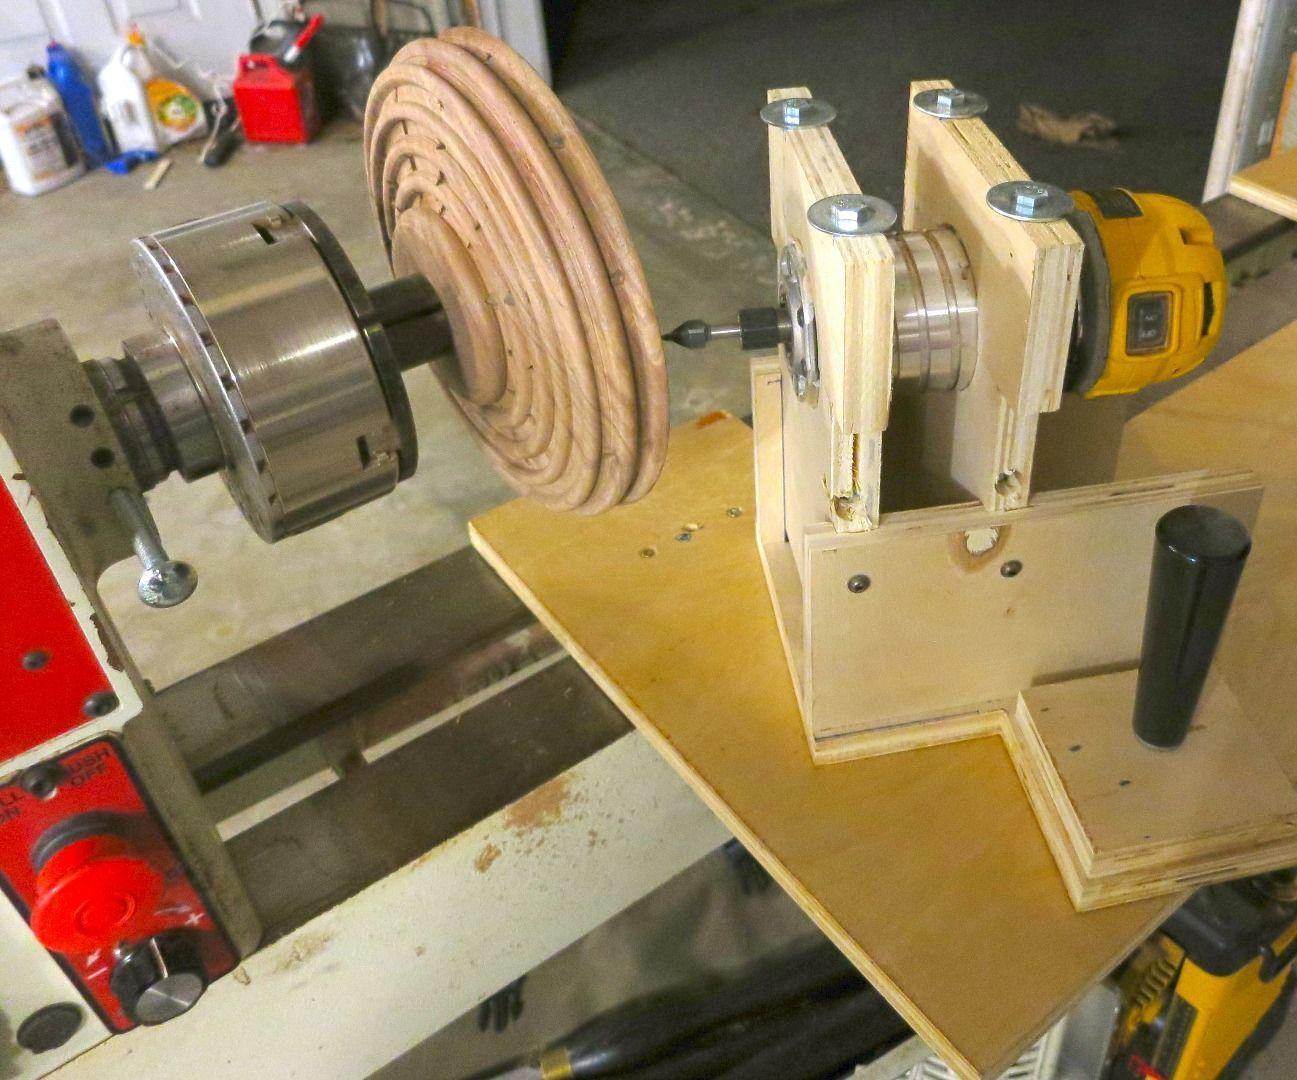 Union Graduate Wood Turning Lathe Rare Short Bed 240 Volt Motor Wood Turning Wood Turning Lathe Antique Woodworking Tools